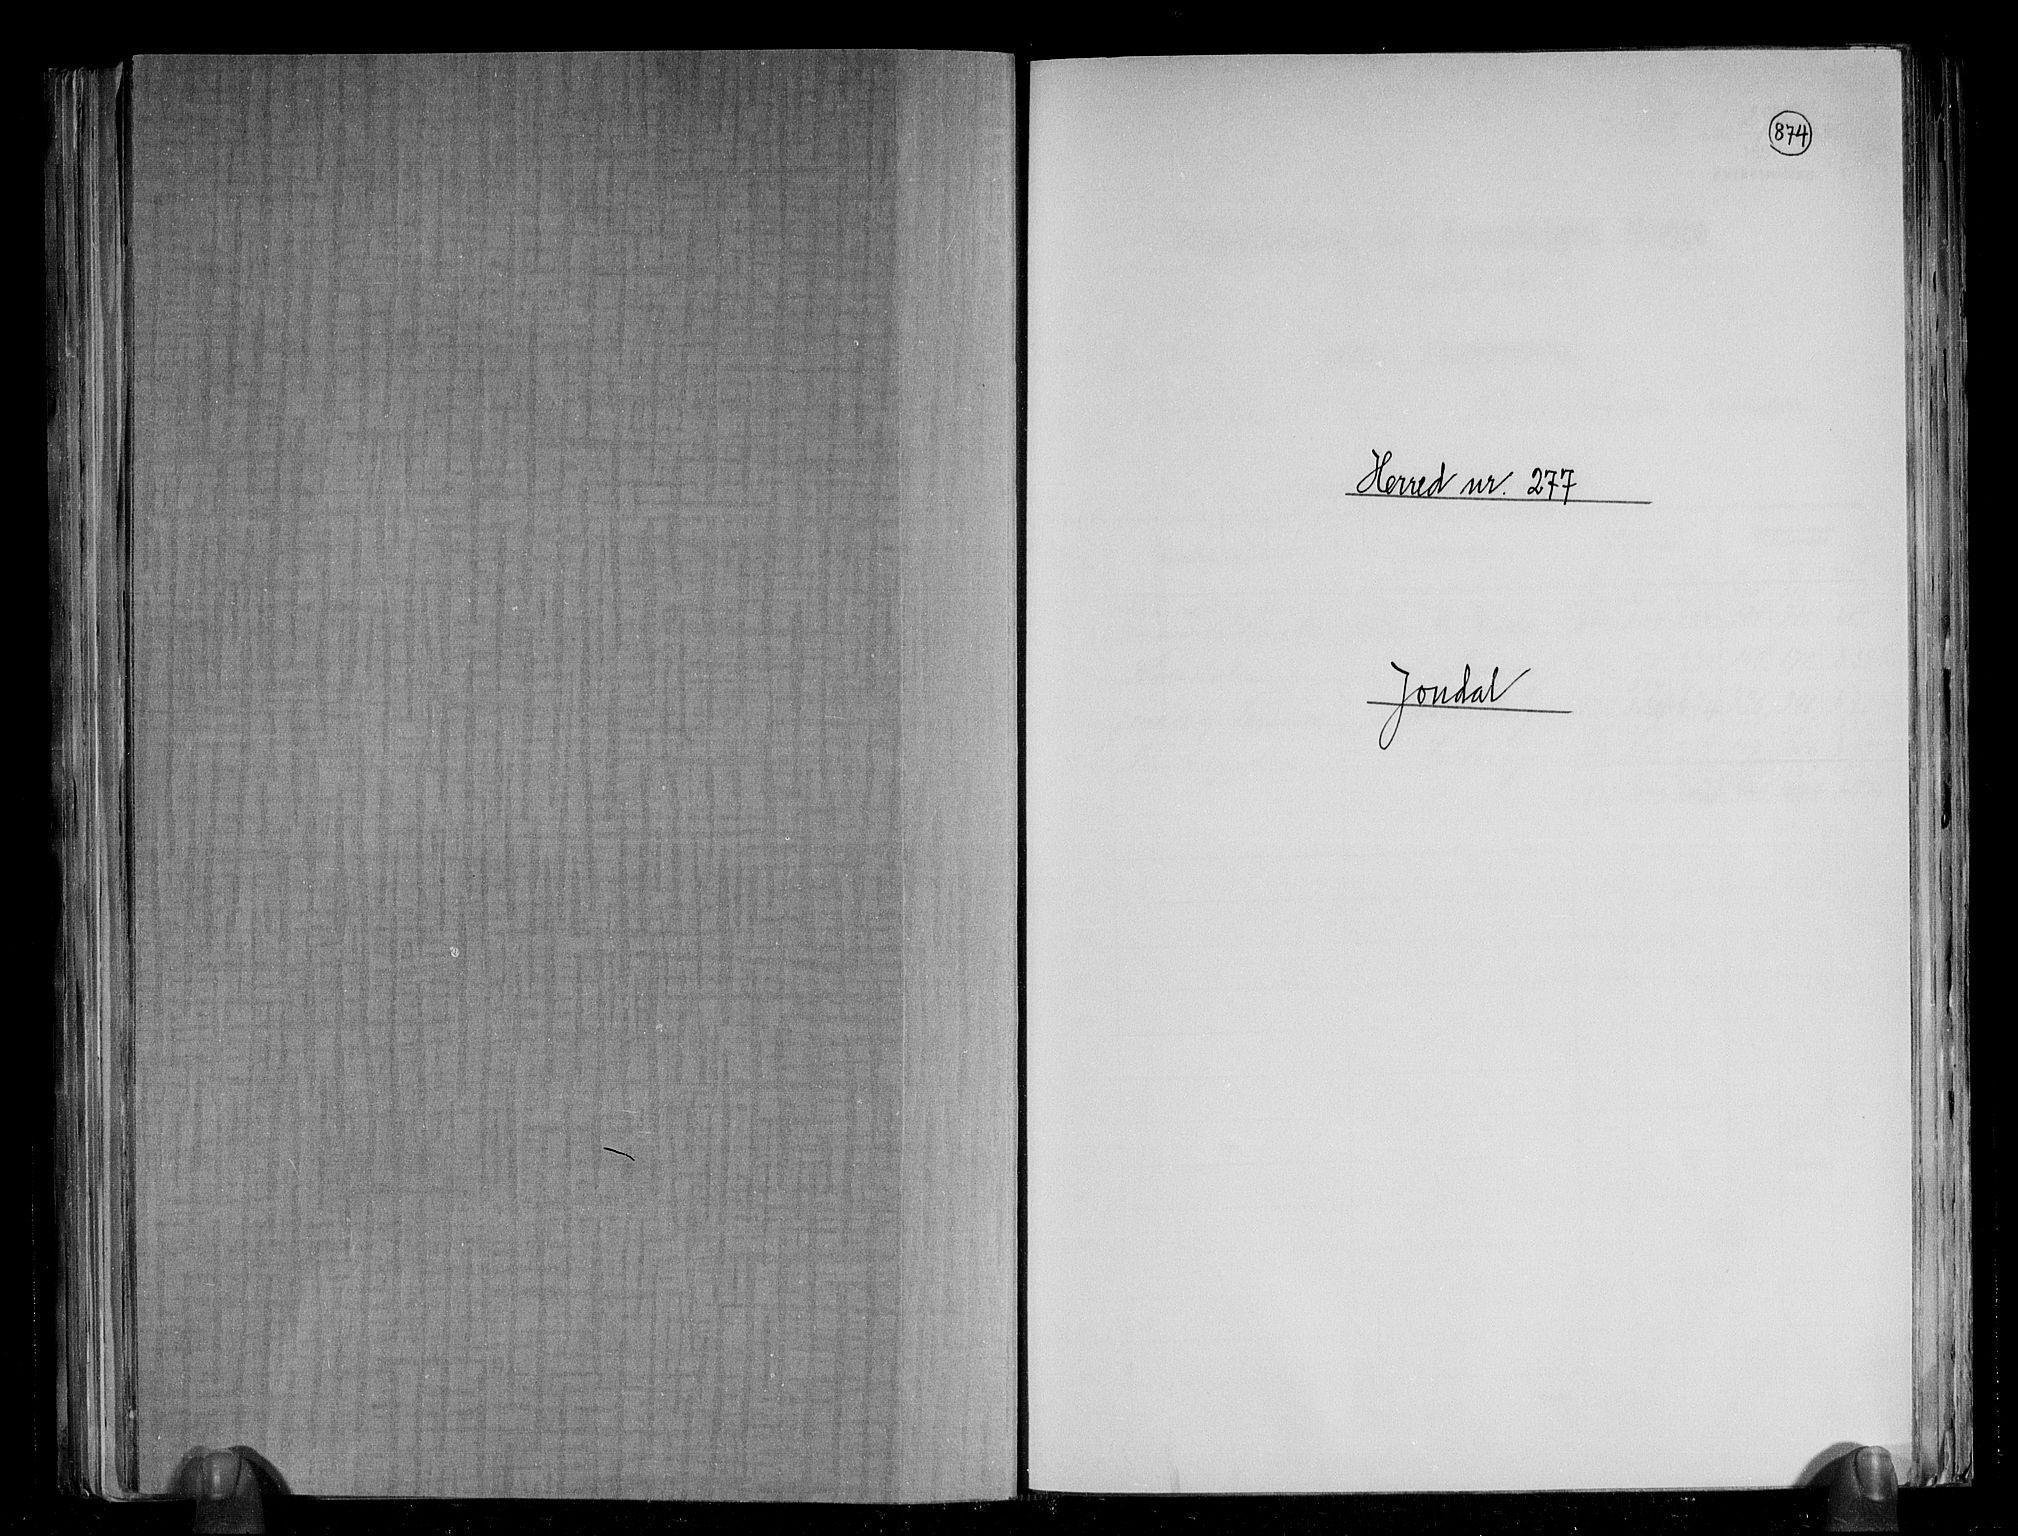 RA, Folketelling 1891 for 1227 Jondal herred, 1891, s. 1